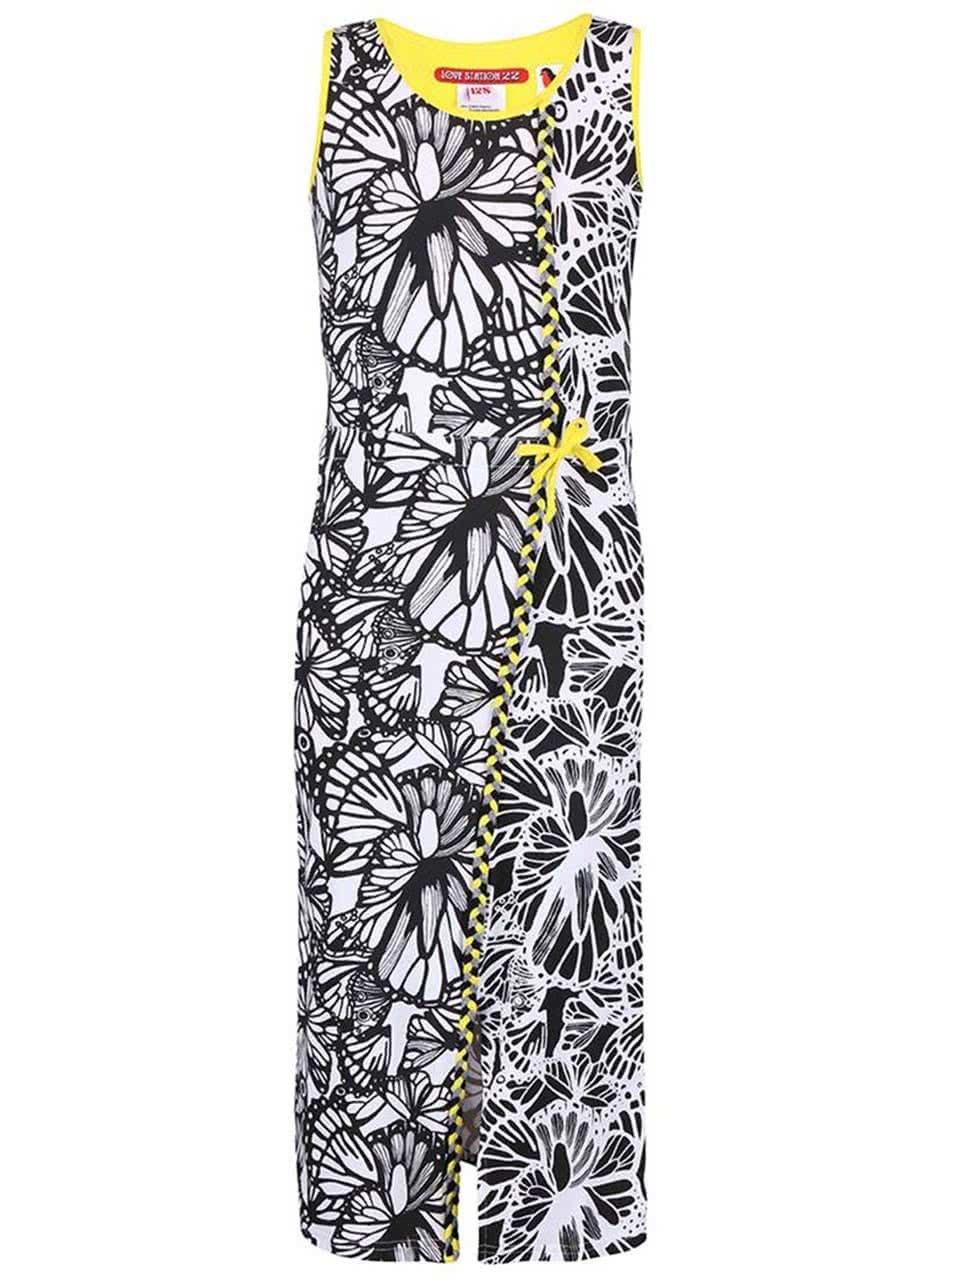 Černo-bílé vzorované holčičí šaty LoveStation22 Lotte